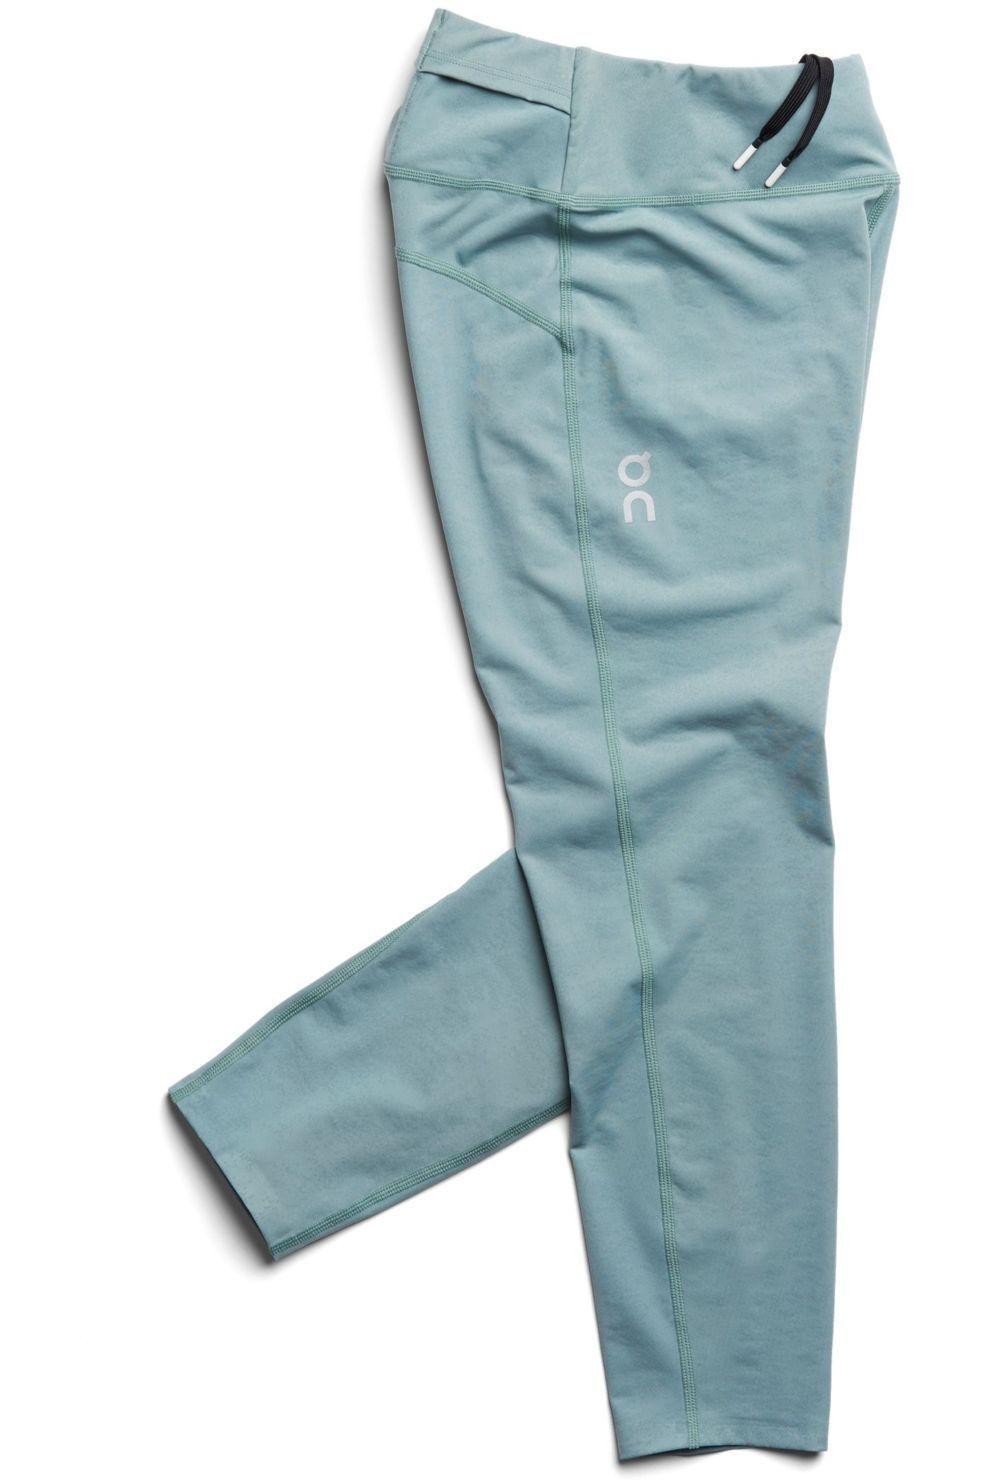 On Running Legging Tights 7/8 voor dames - Groen - Maten: XS, M, L - Nieuwe collectie